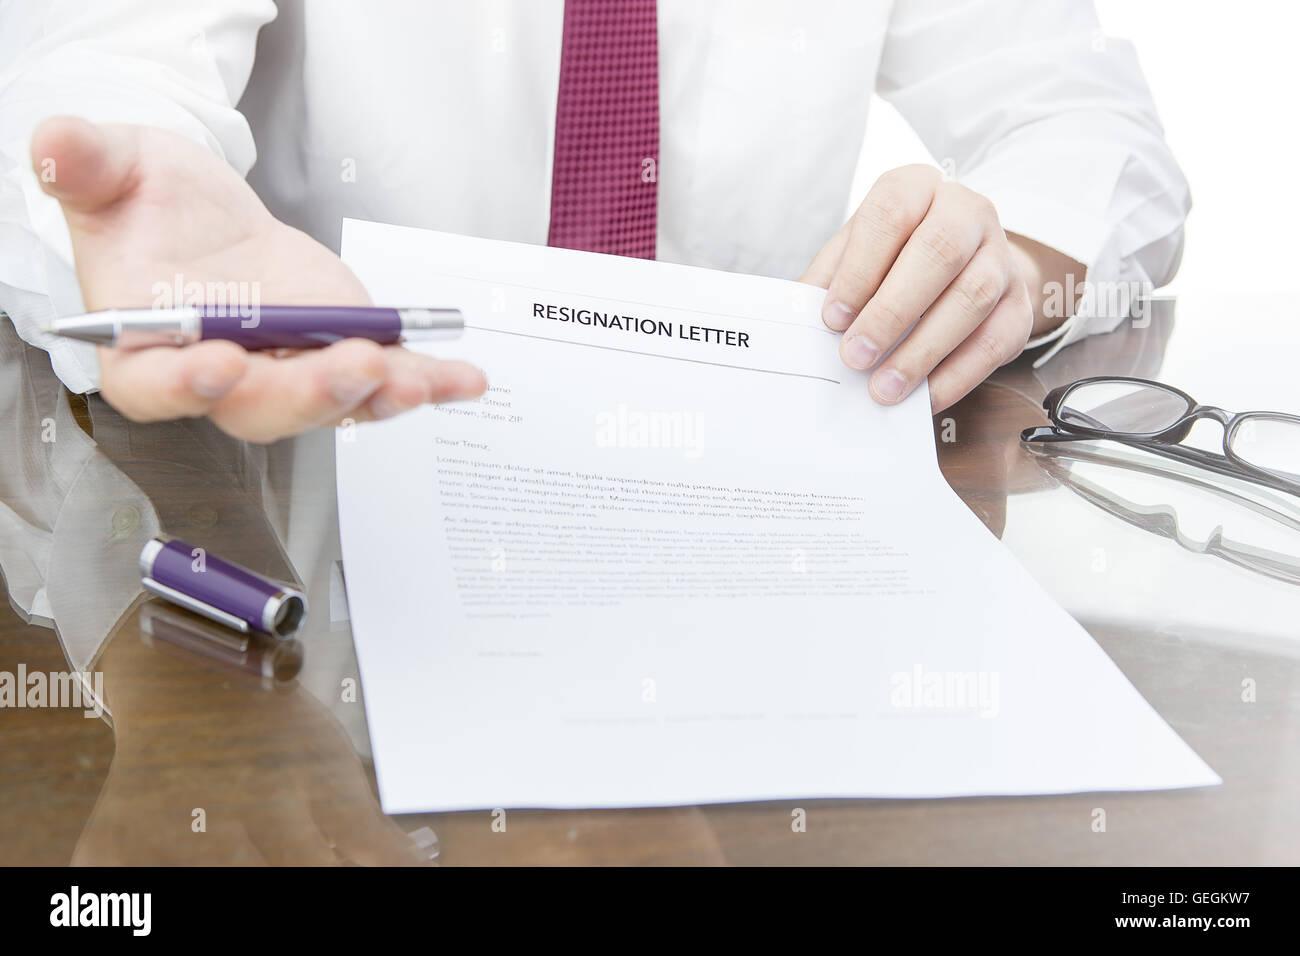 HR manager desidera Fired Employee ed egli dando una lettera di dimissioni al dipendente, la perdita del posto di Immagini Stock